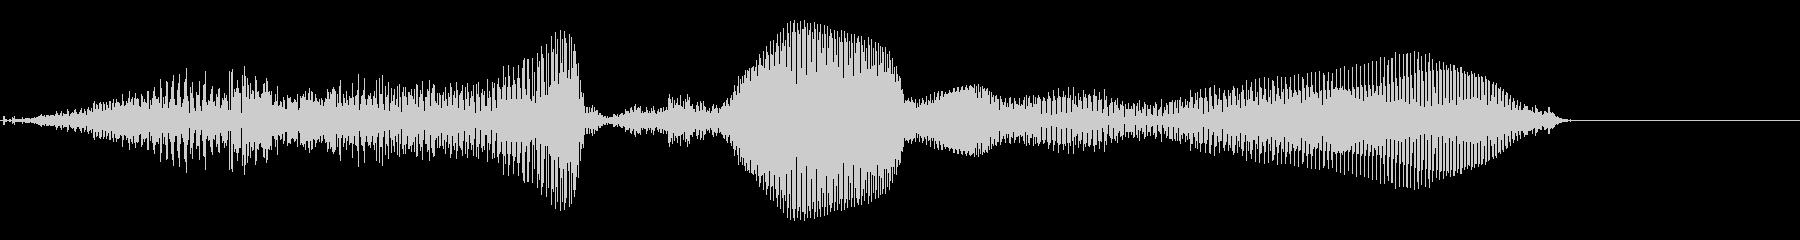 上手ね!1【ロリキャラの褒めボイス】の未再生の波形